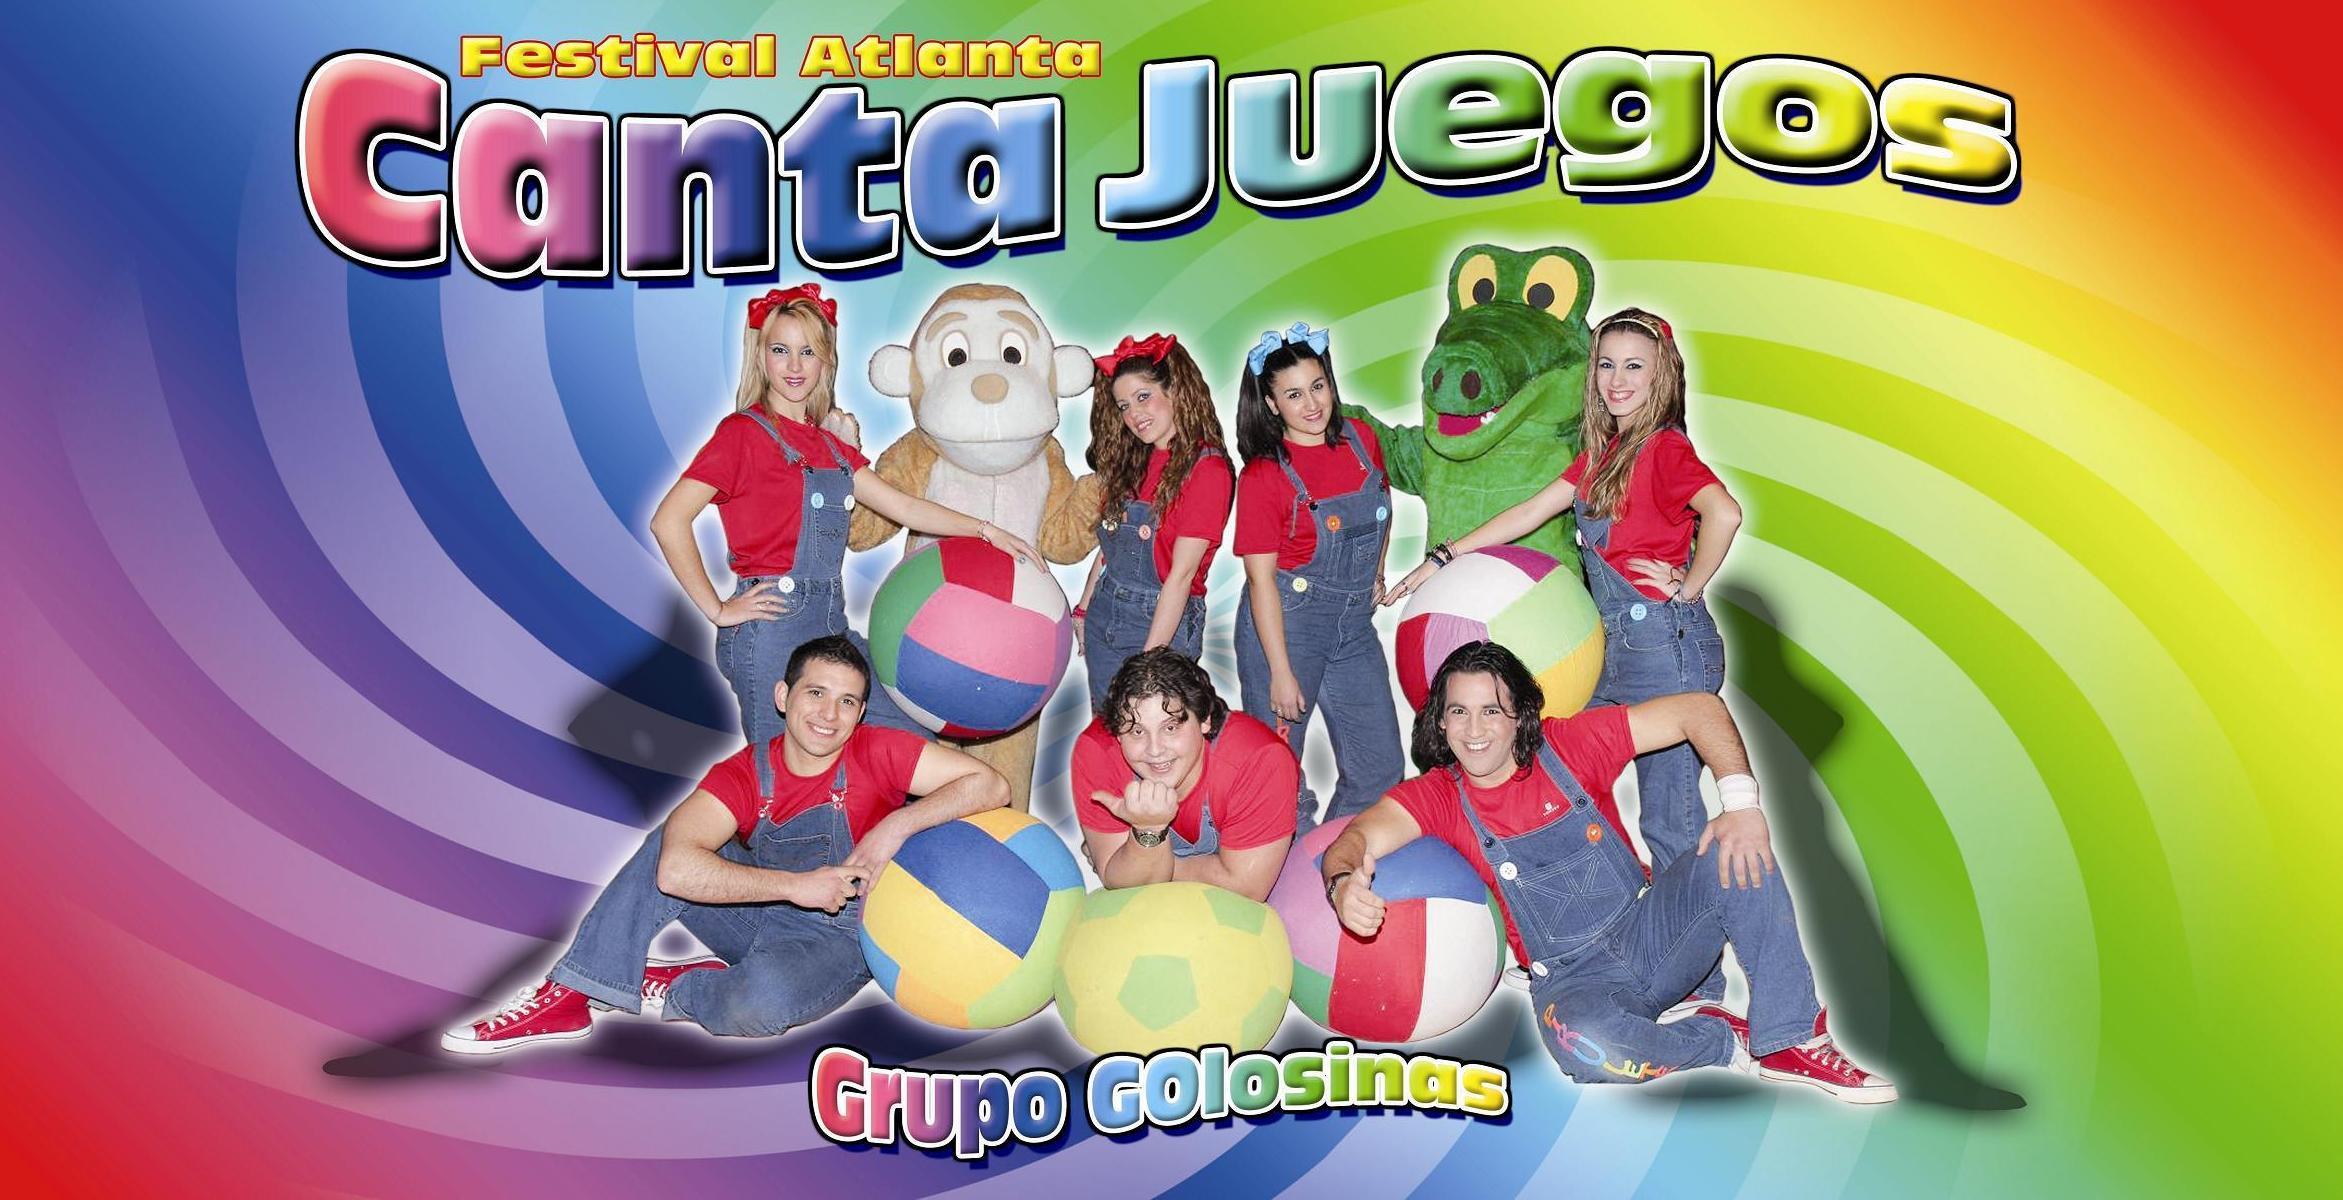 Toledo Canta Juegos Grupo Golosina En Toledo